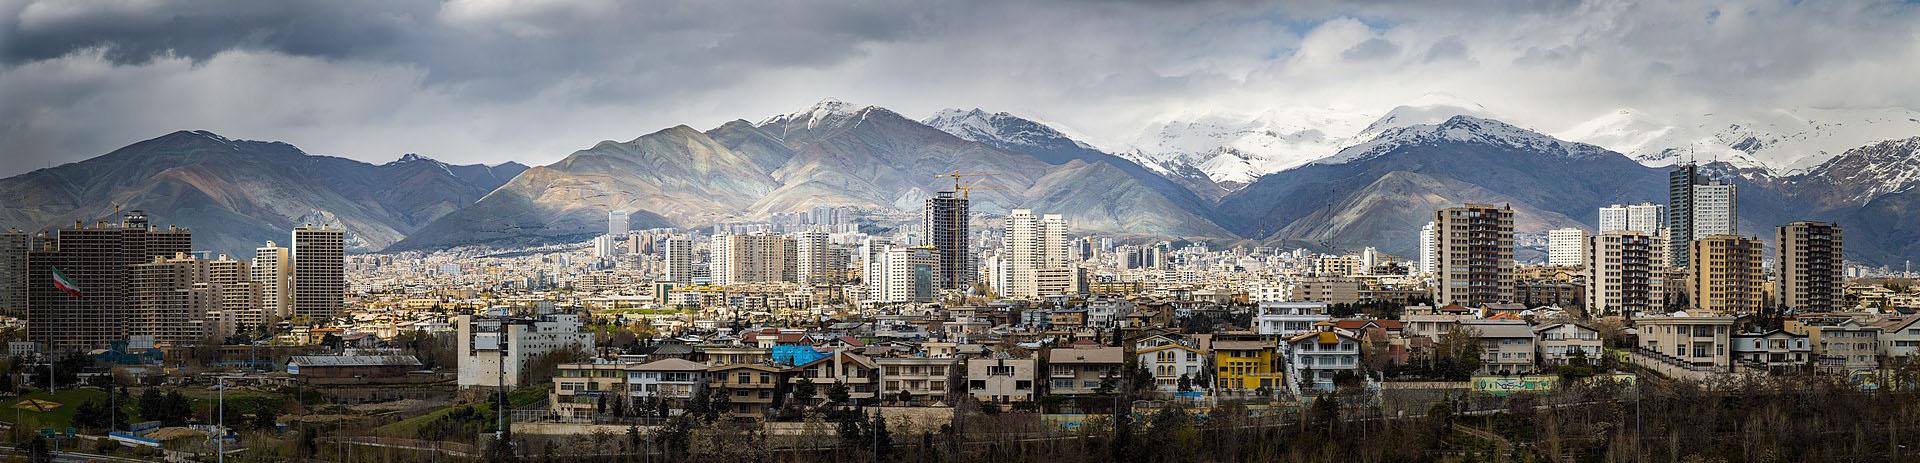 Tehran-Tehran Province